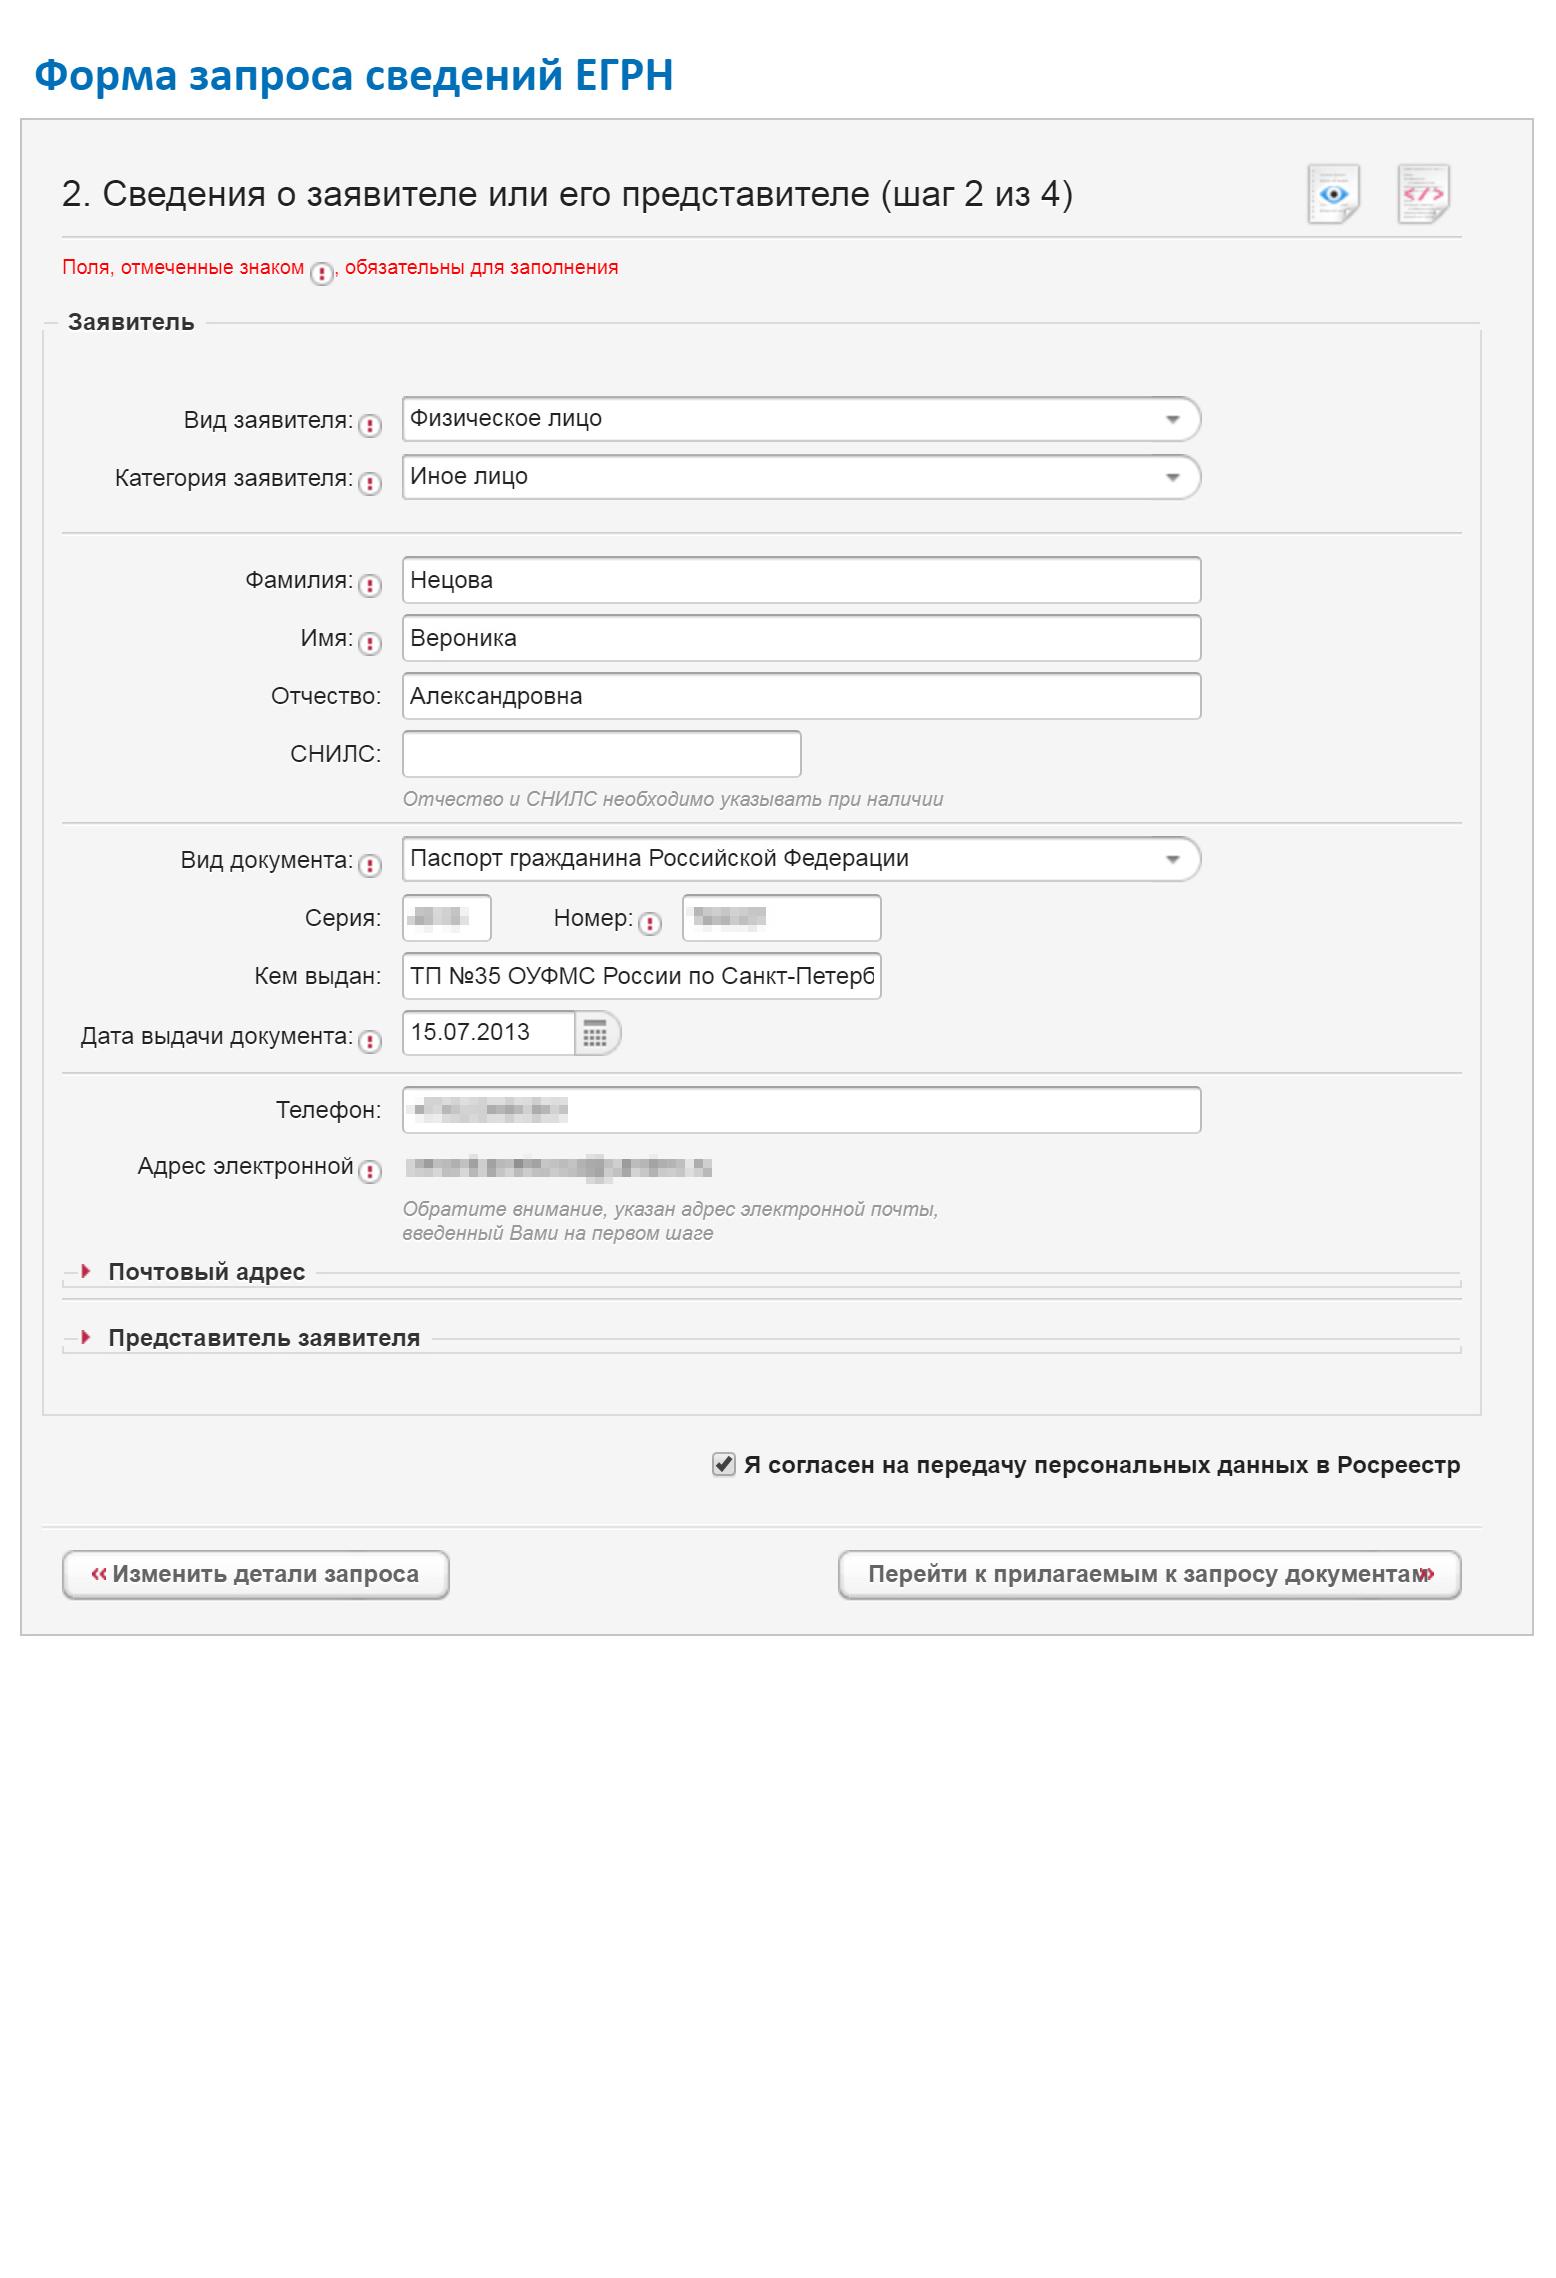 Выпискуиз ЕГРН насайте Росреестра может запросить исам покупатель. Дляэтого нужно заполнить форму запроса пошагам иуказать, что данные запрашивает «иное лицо». Затем указать данные оквартире, заполнить личные данные ивыбрать, куда хотите получить выписку: наэлектронную или обычную почту. Новыписка будет неполной— вней небудет персональных данных. Поэтому усобственника все равно нужно просить полную выписку изЕГРН